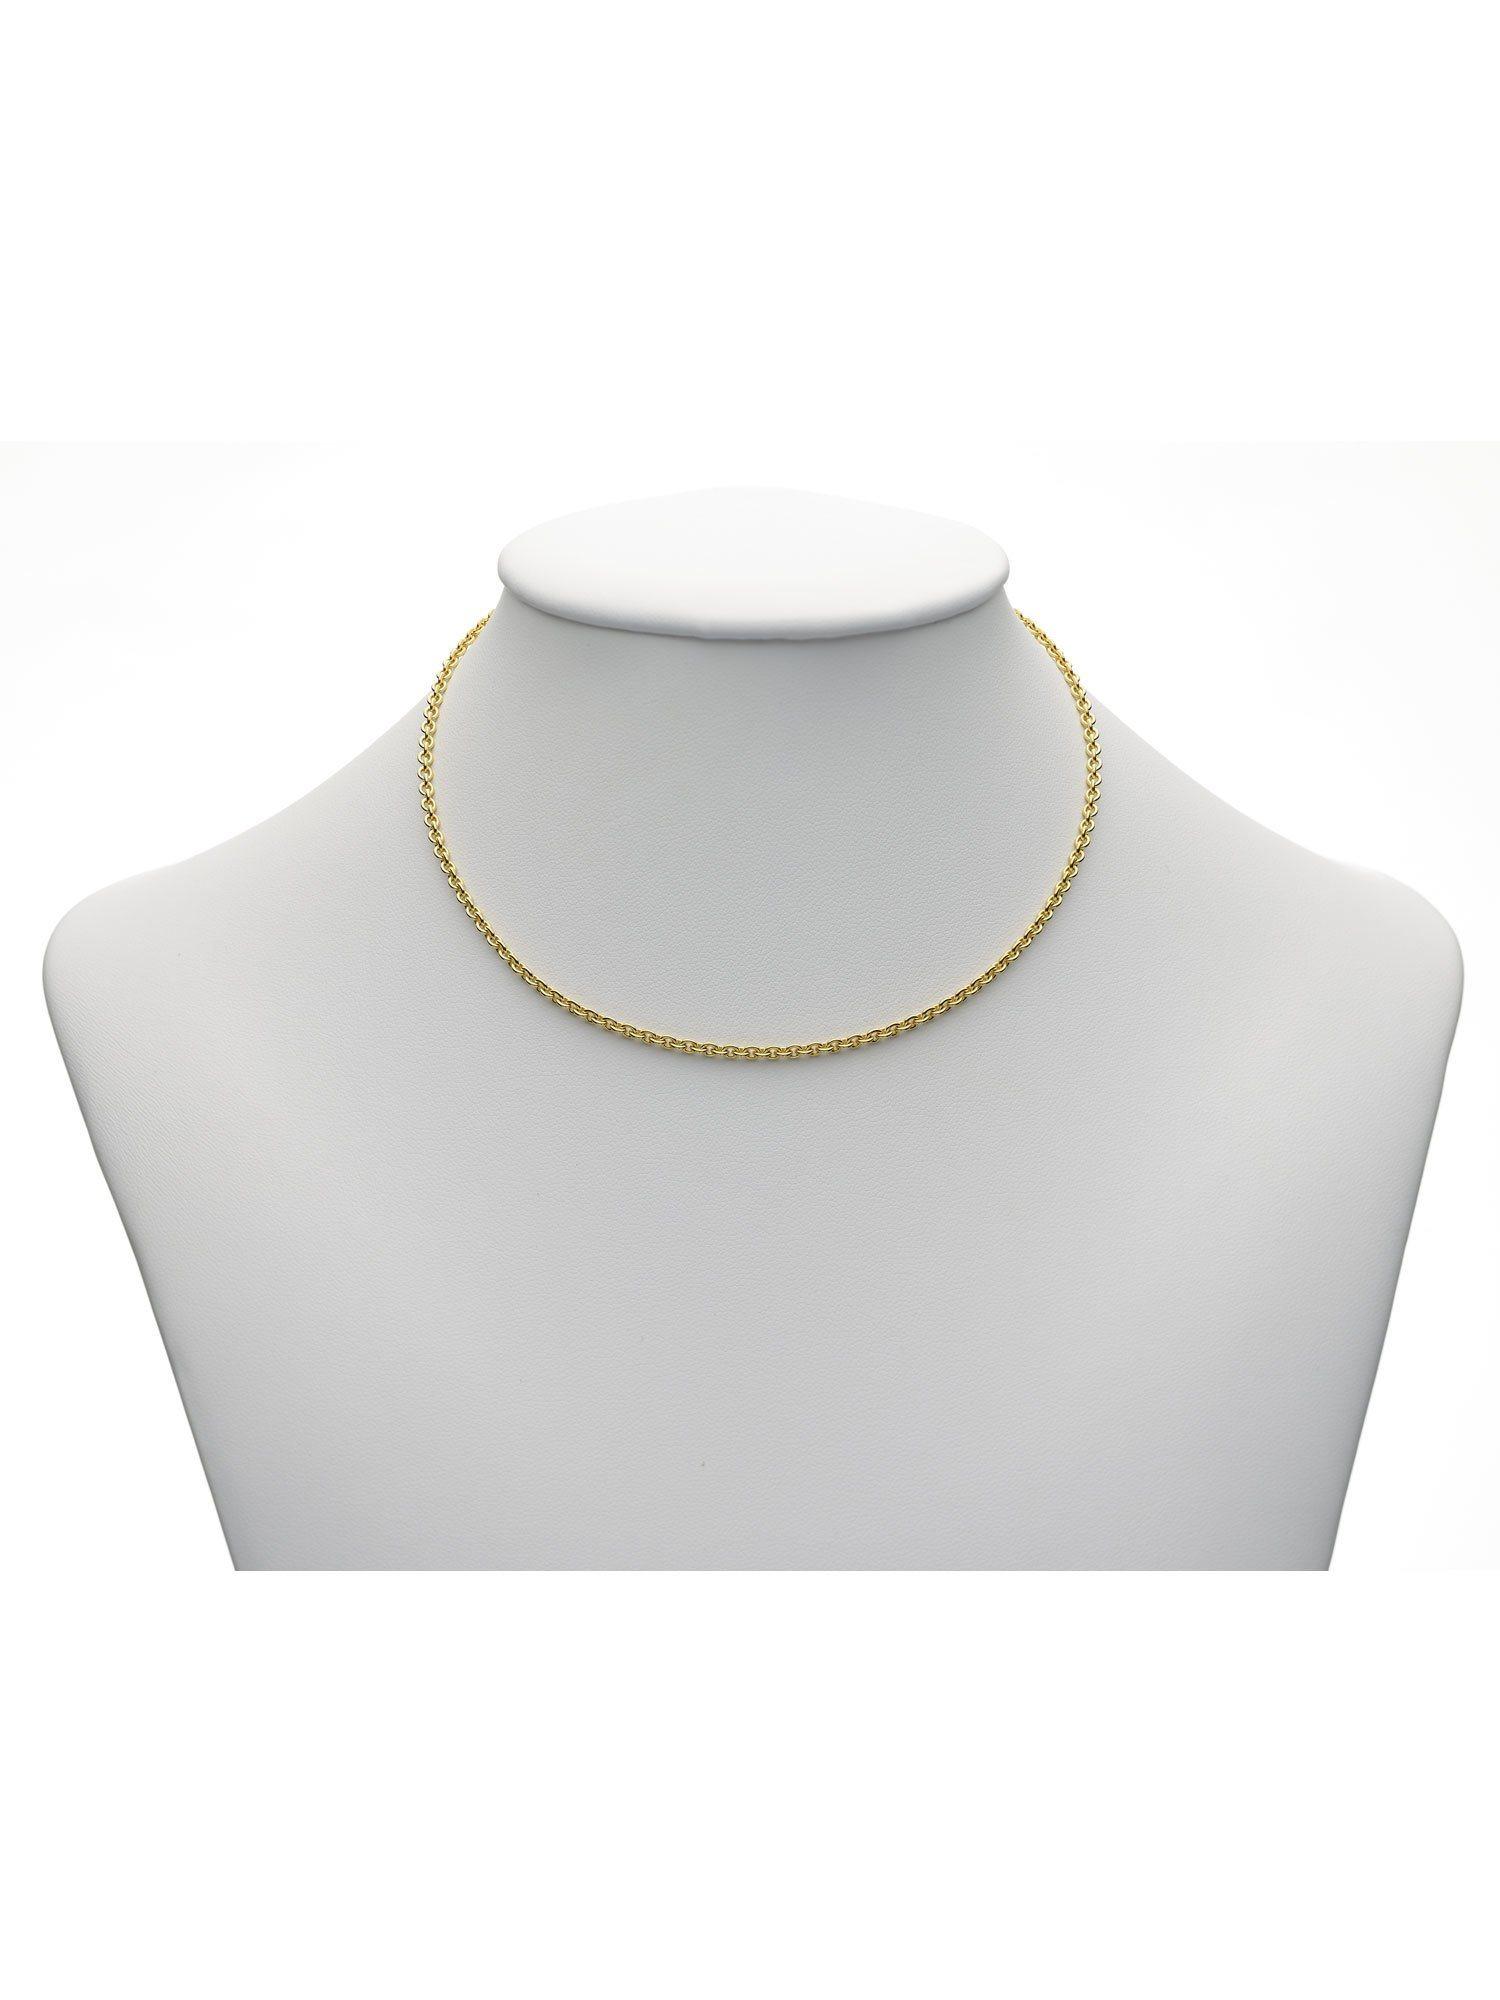 Adelia´s Goldkette »Gold Halsketten« 8 k 333 Gelbgold Ankerkette rund 2,3 mm | Schmuck > Halsketten > Goldketten | Adelia´s